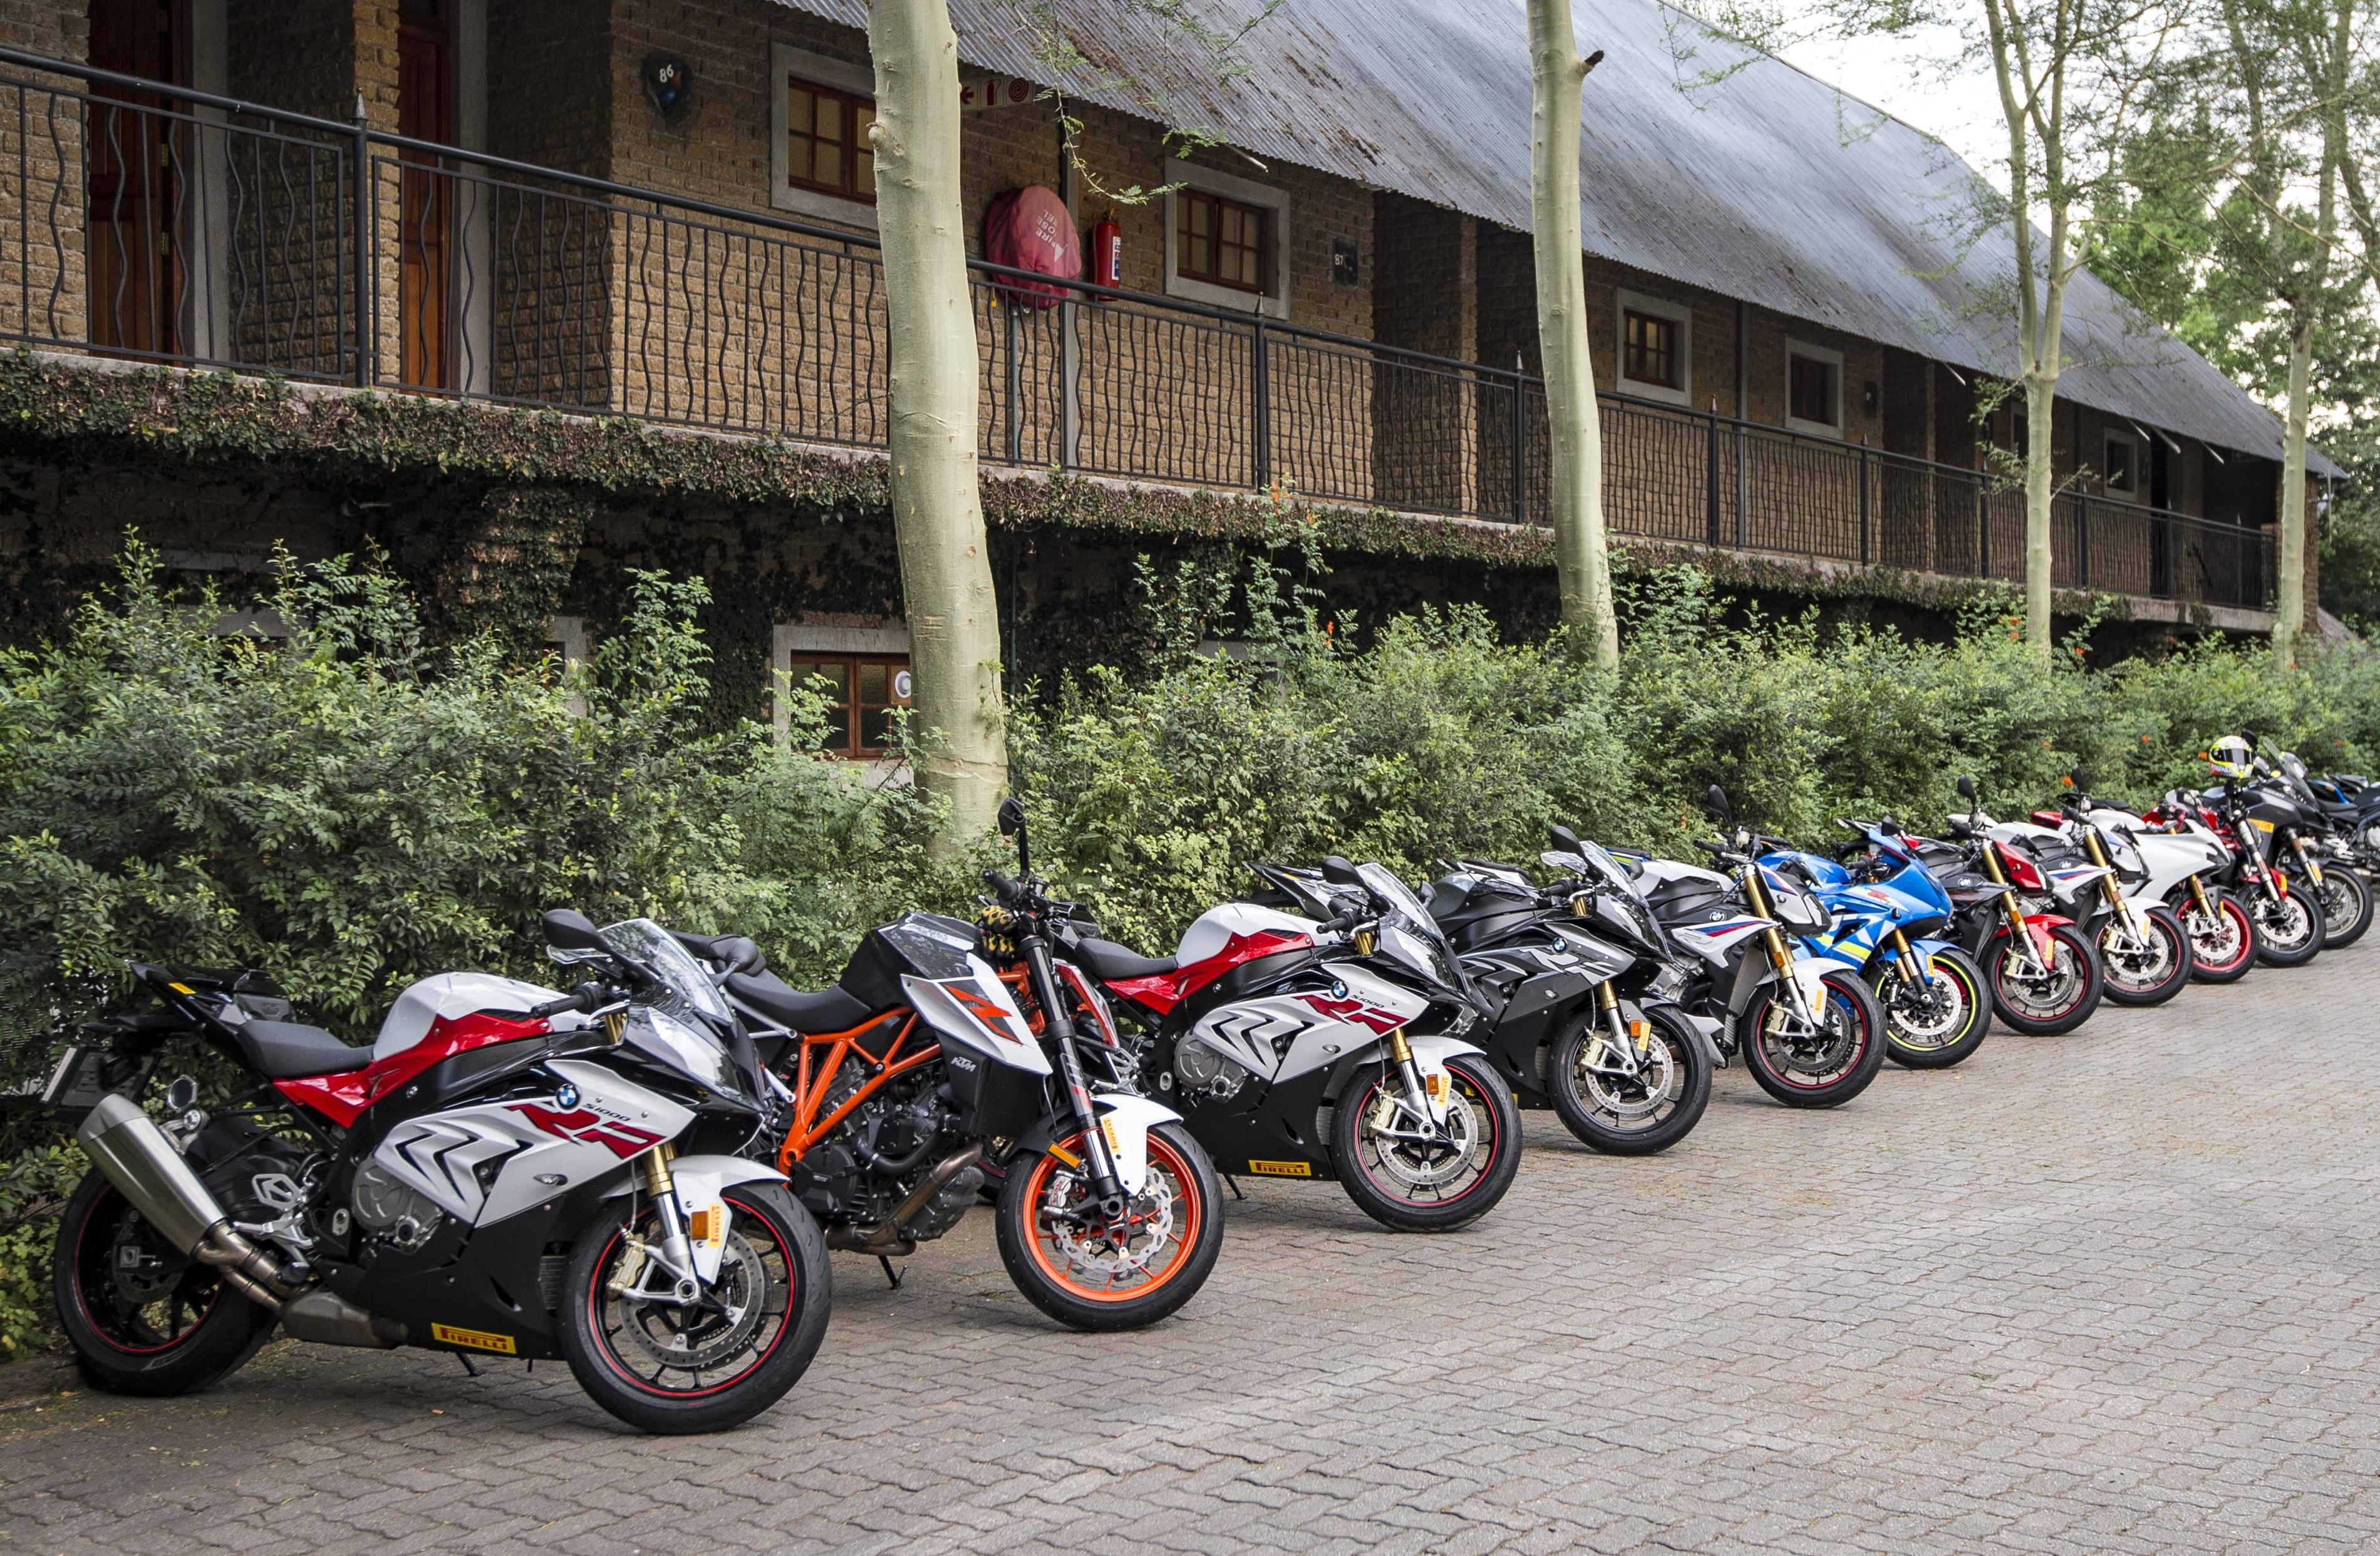 Auch beim Straßenteil der Präsentation dominierten leistungsstarke Sportmotorräder das Bild.